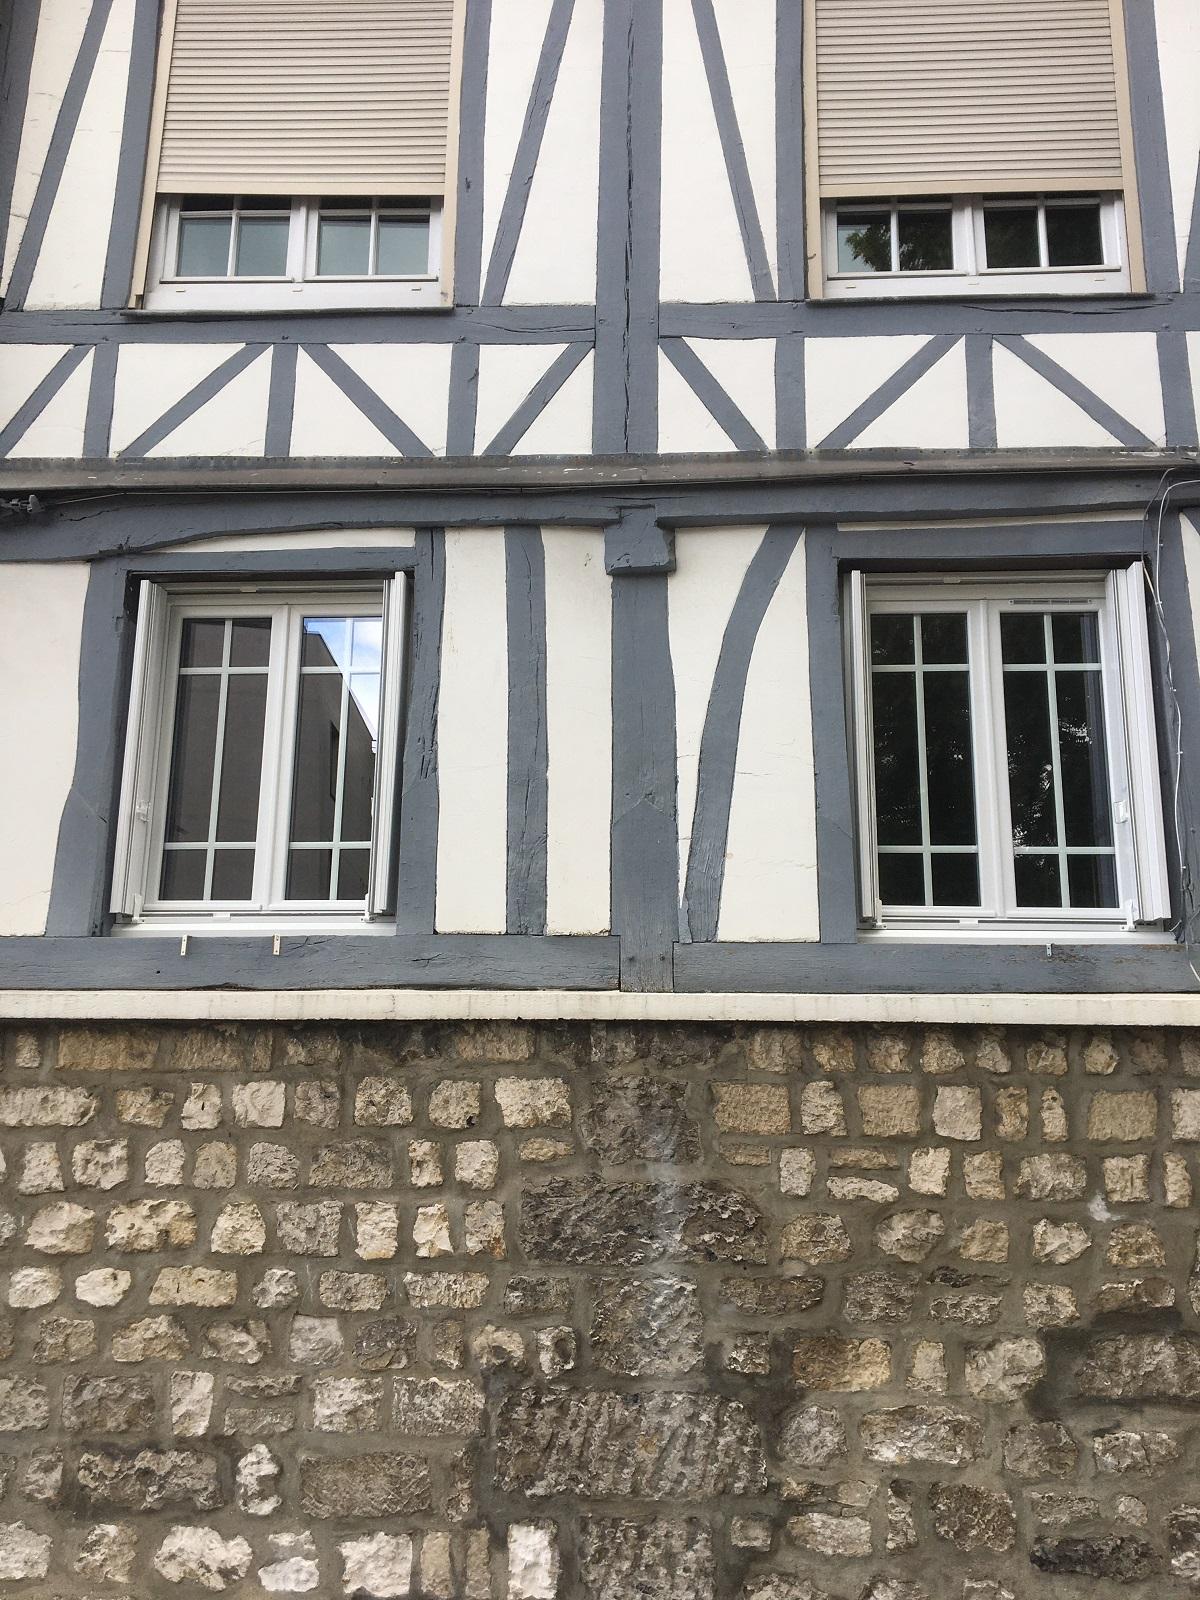 Remplacement de fenêtres en bois sur immeuble ancien